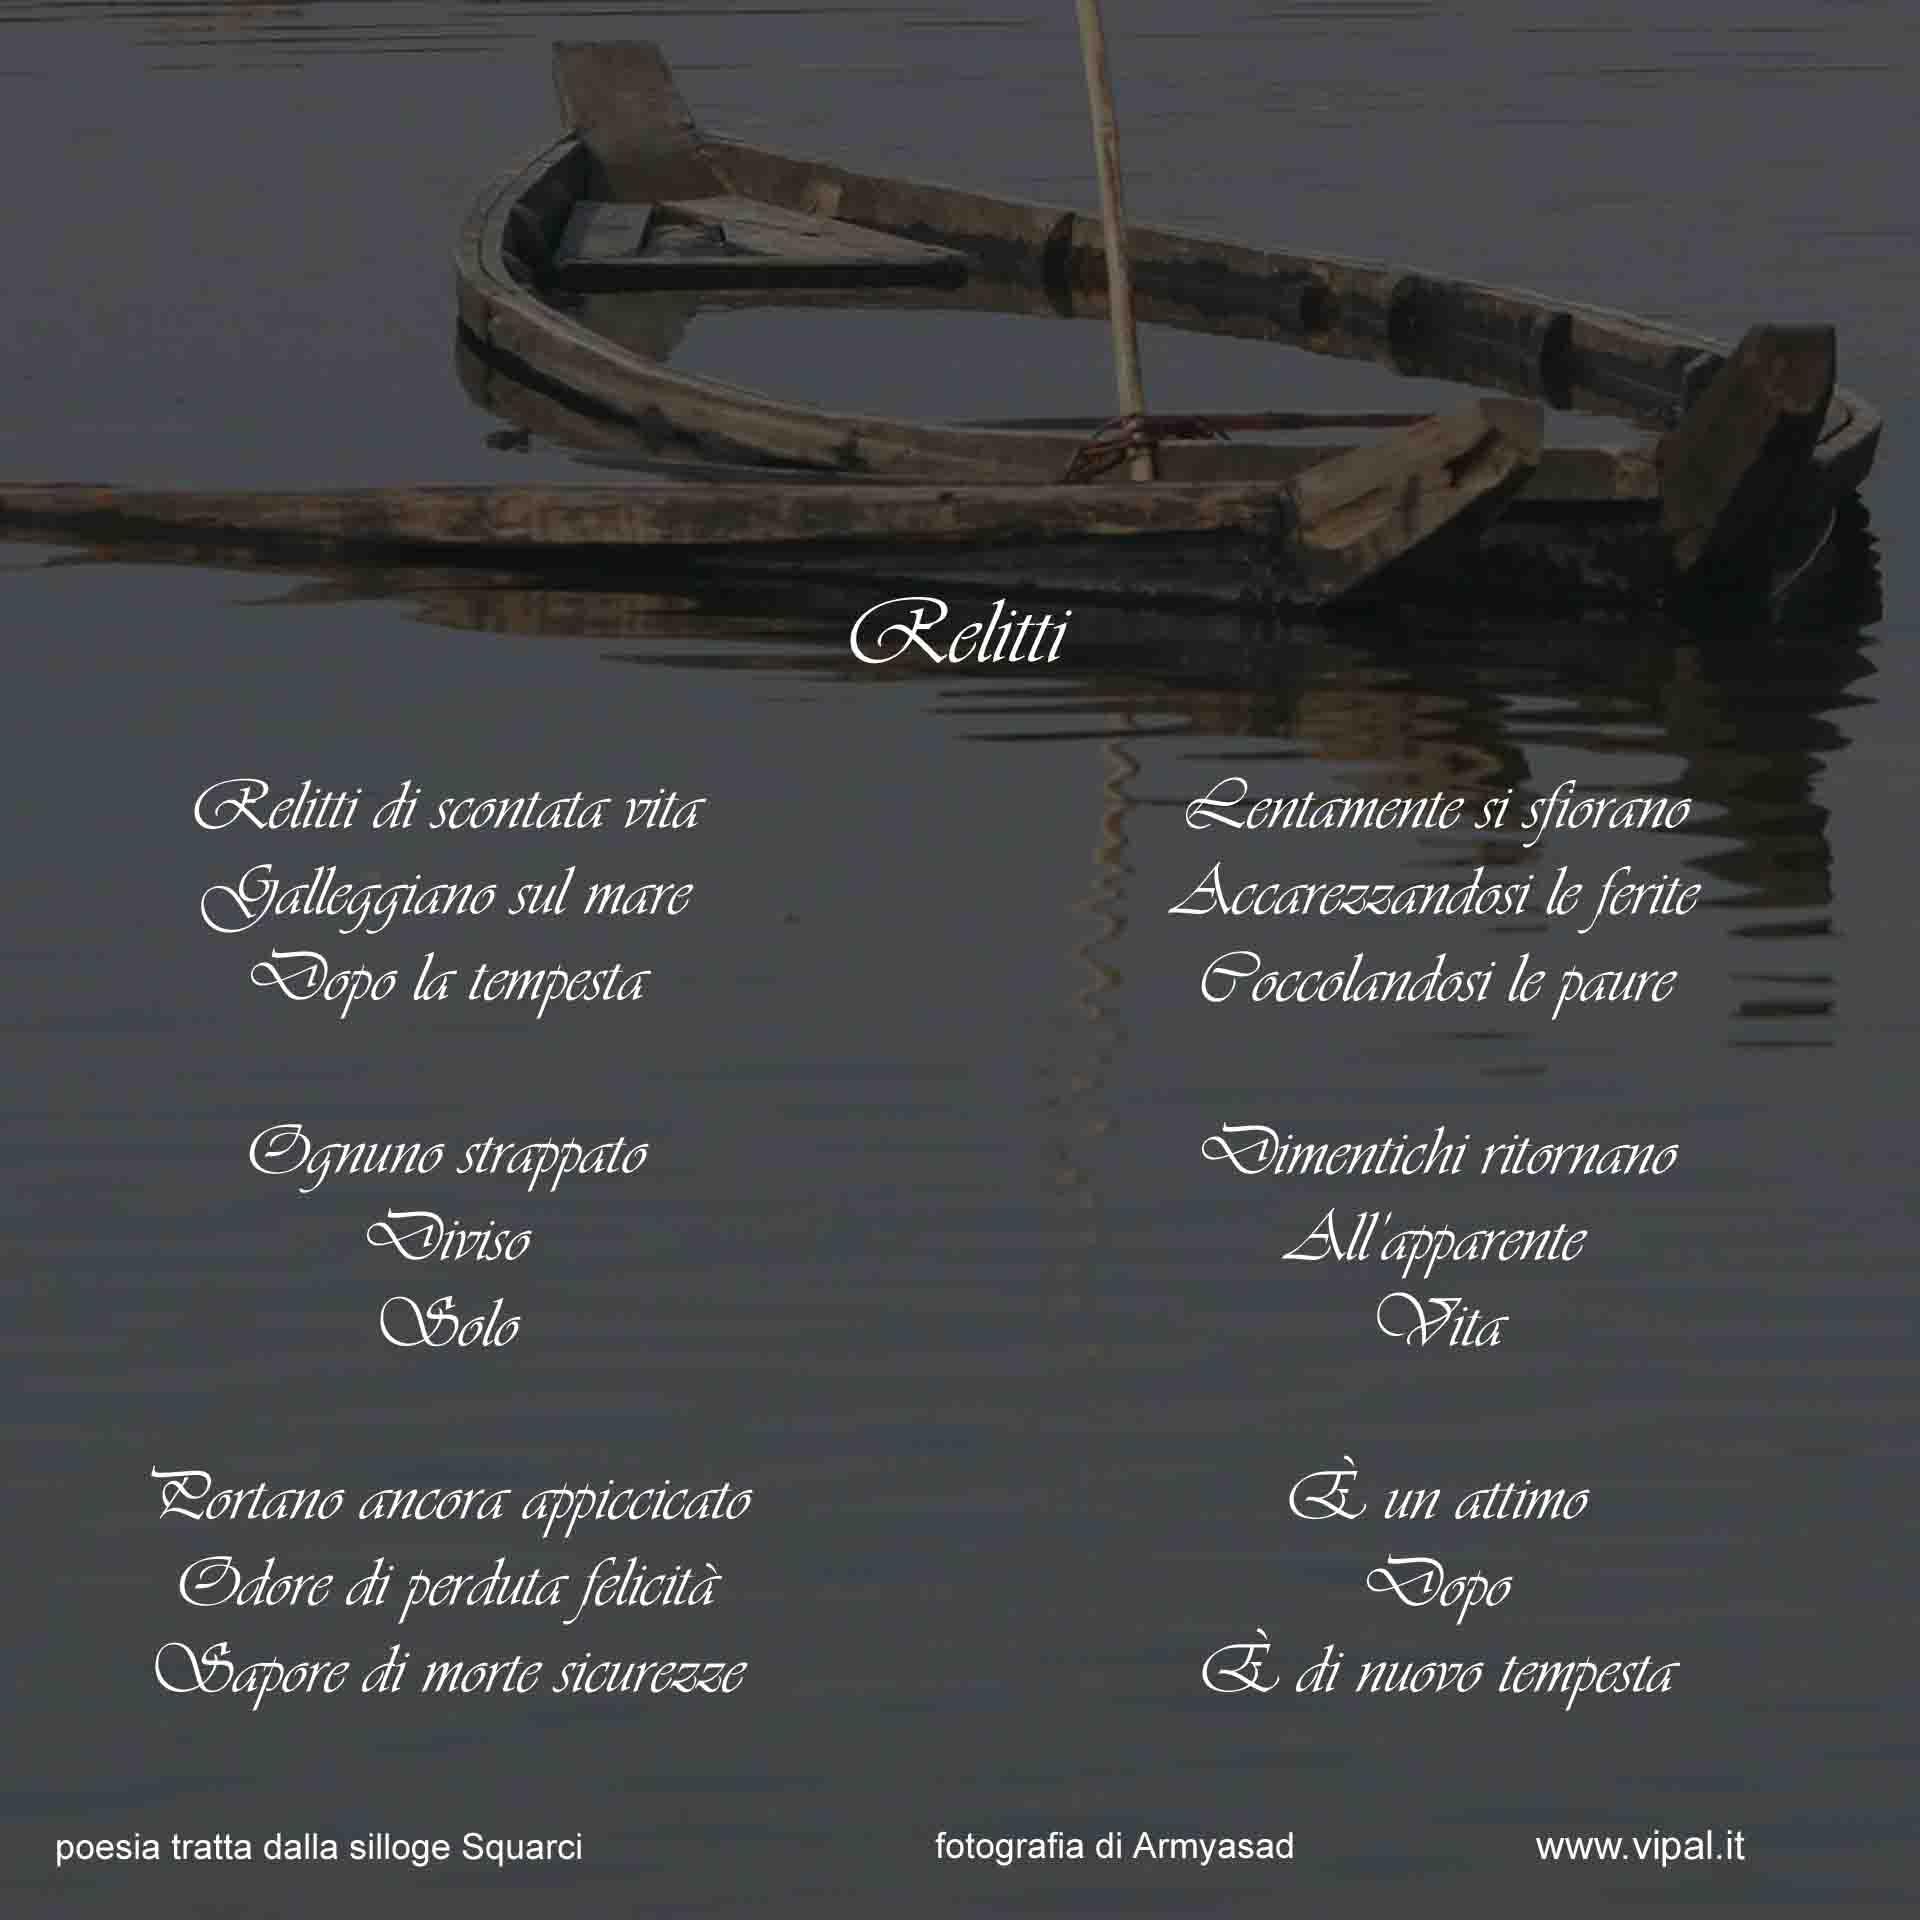 Relitti poesia edita nella silloge Squarci Vipal Antonio Gianfranco Gualdi